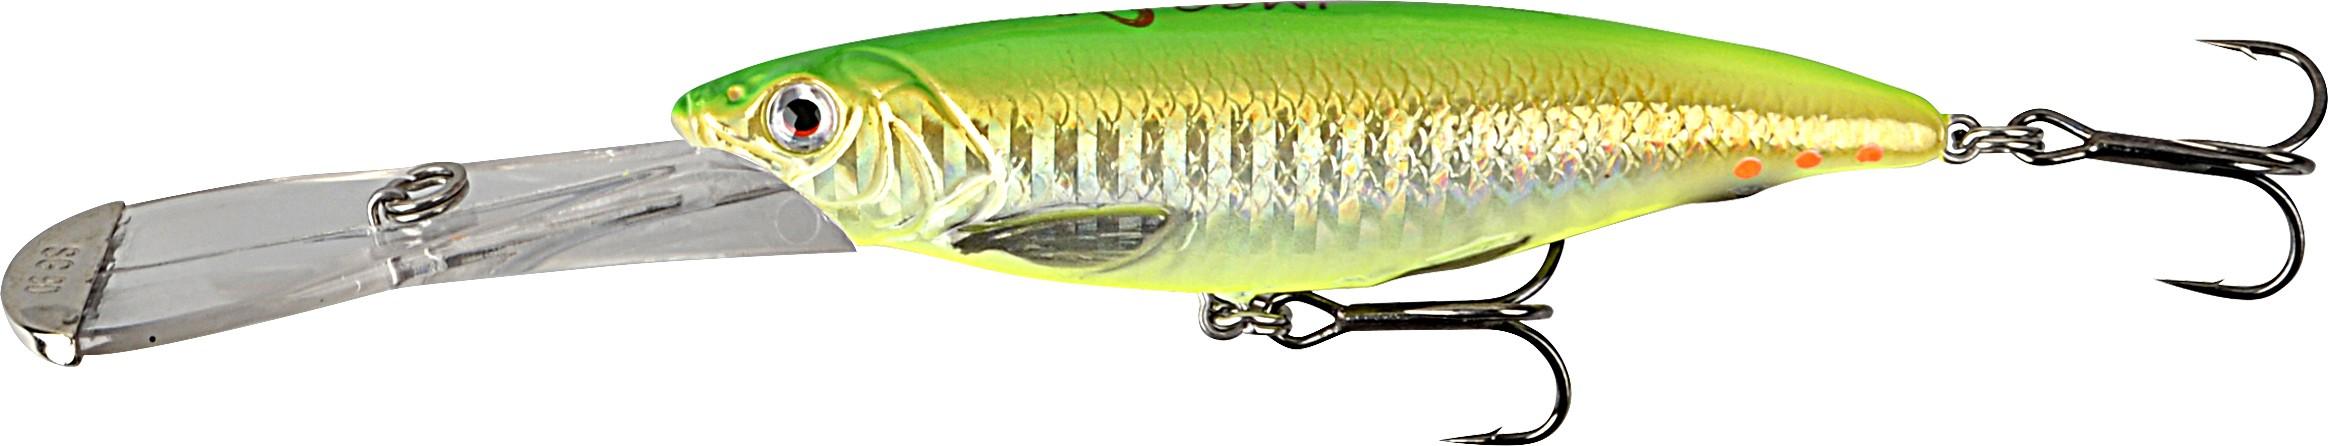 SG 3D Iron Mask Deep Diver 90 9cm 15g SF 08-Green Flash